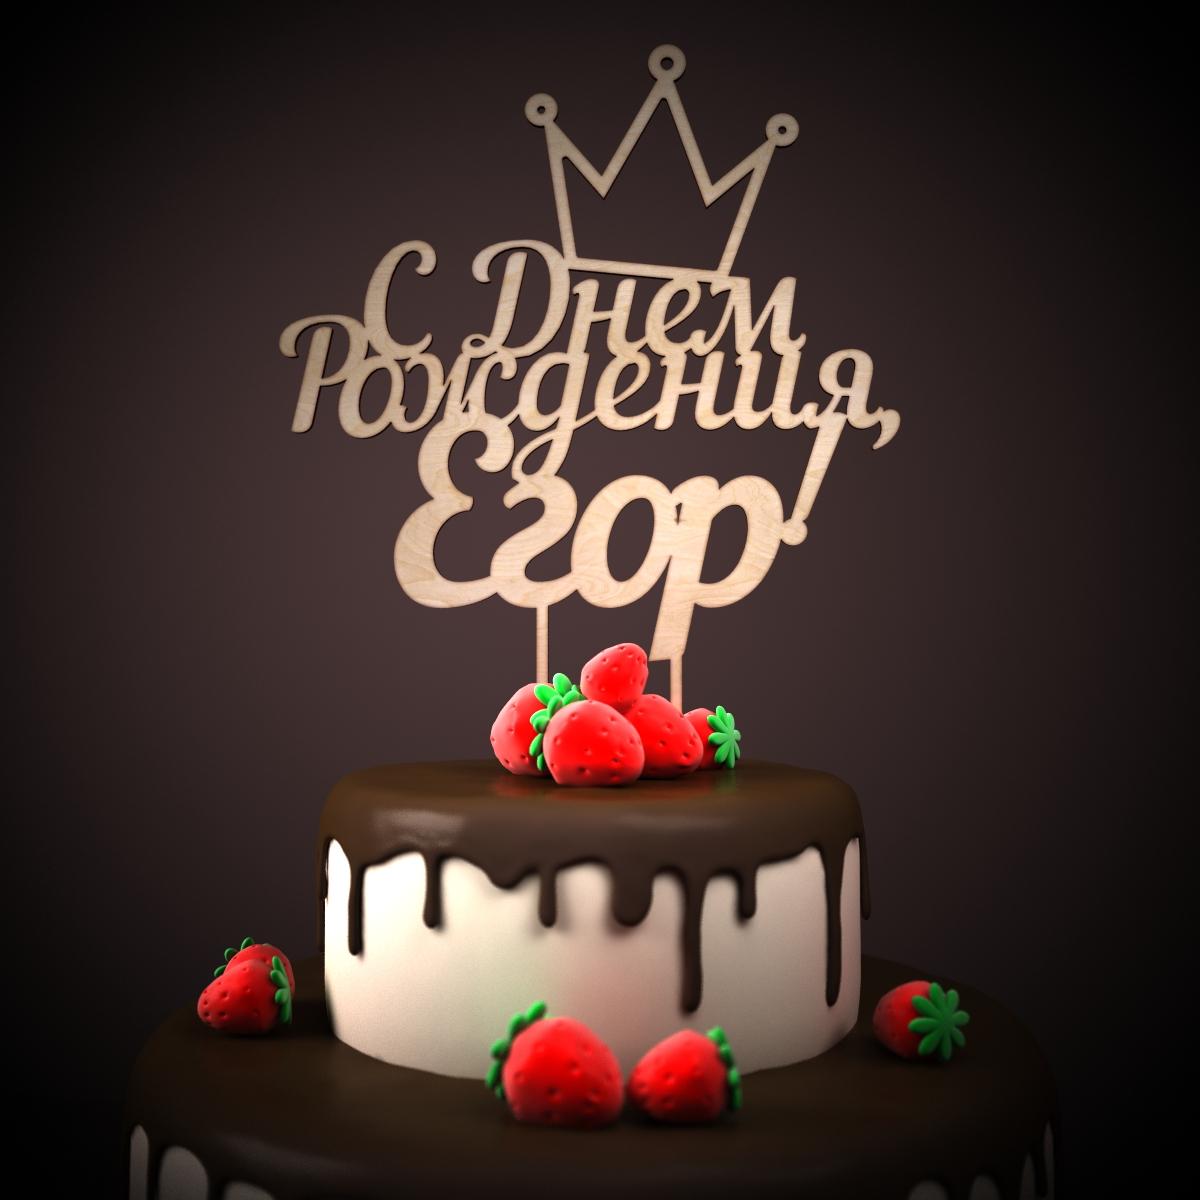 Поздравление с днем рождения егор